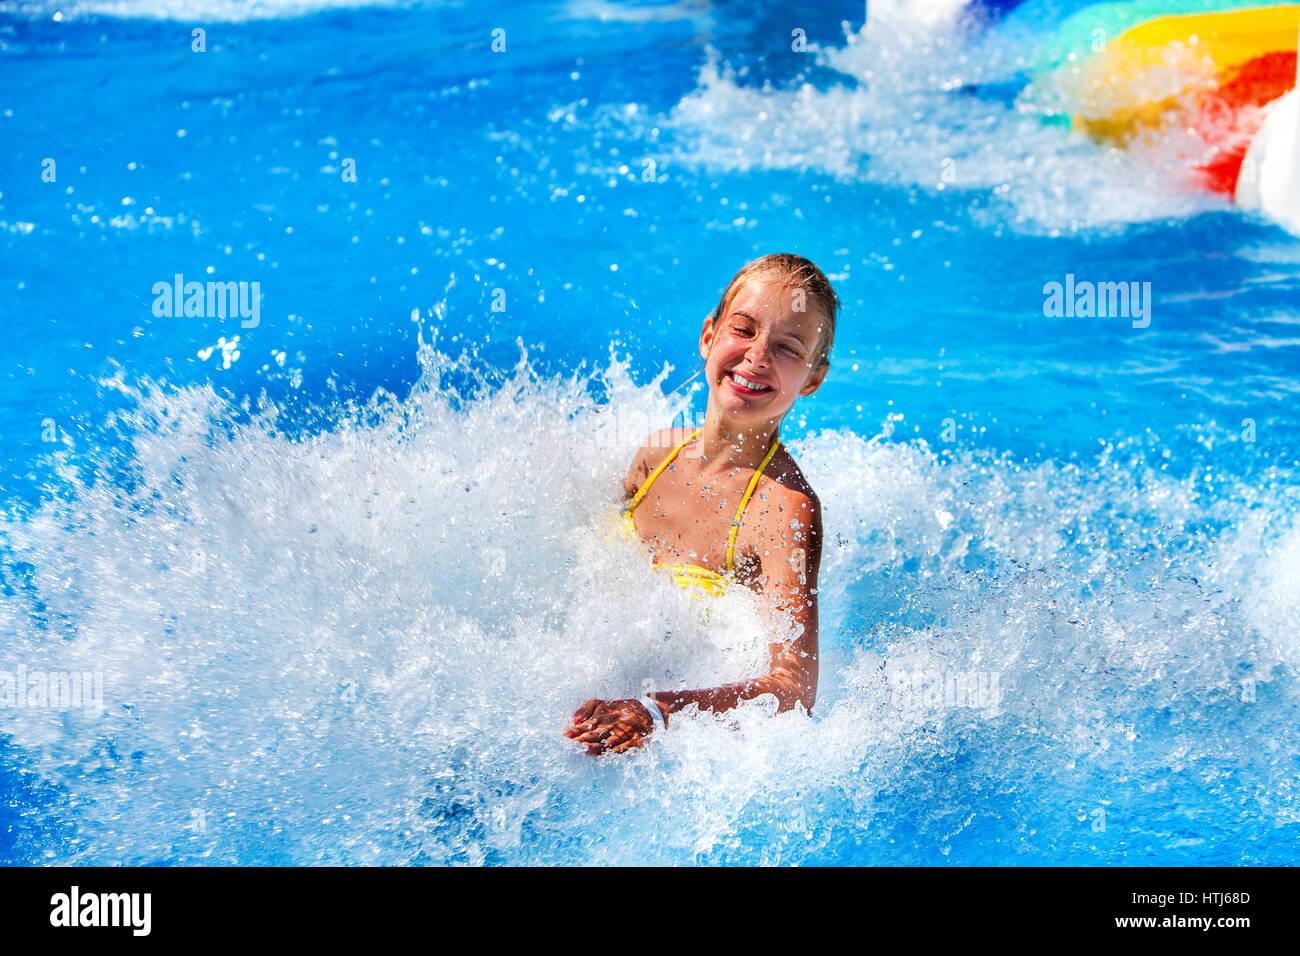 Schwimmbad Folien Für Kinder Auf Dem Wasser Rutschen Im Aquapark.